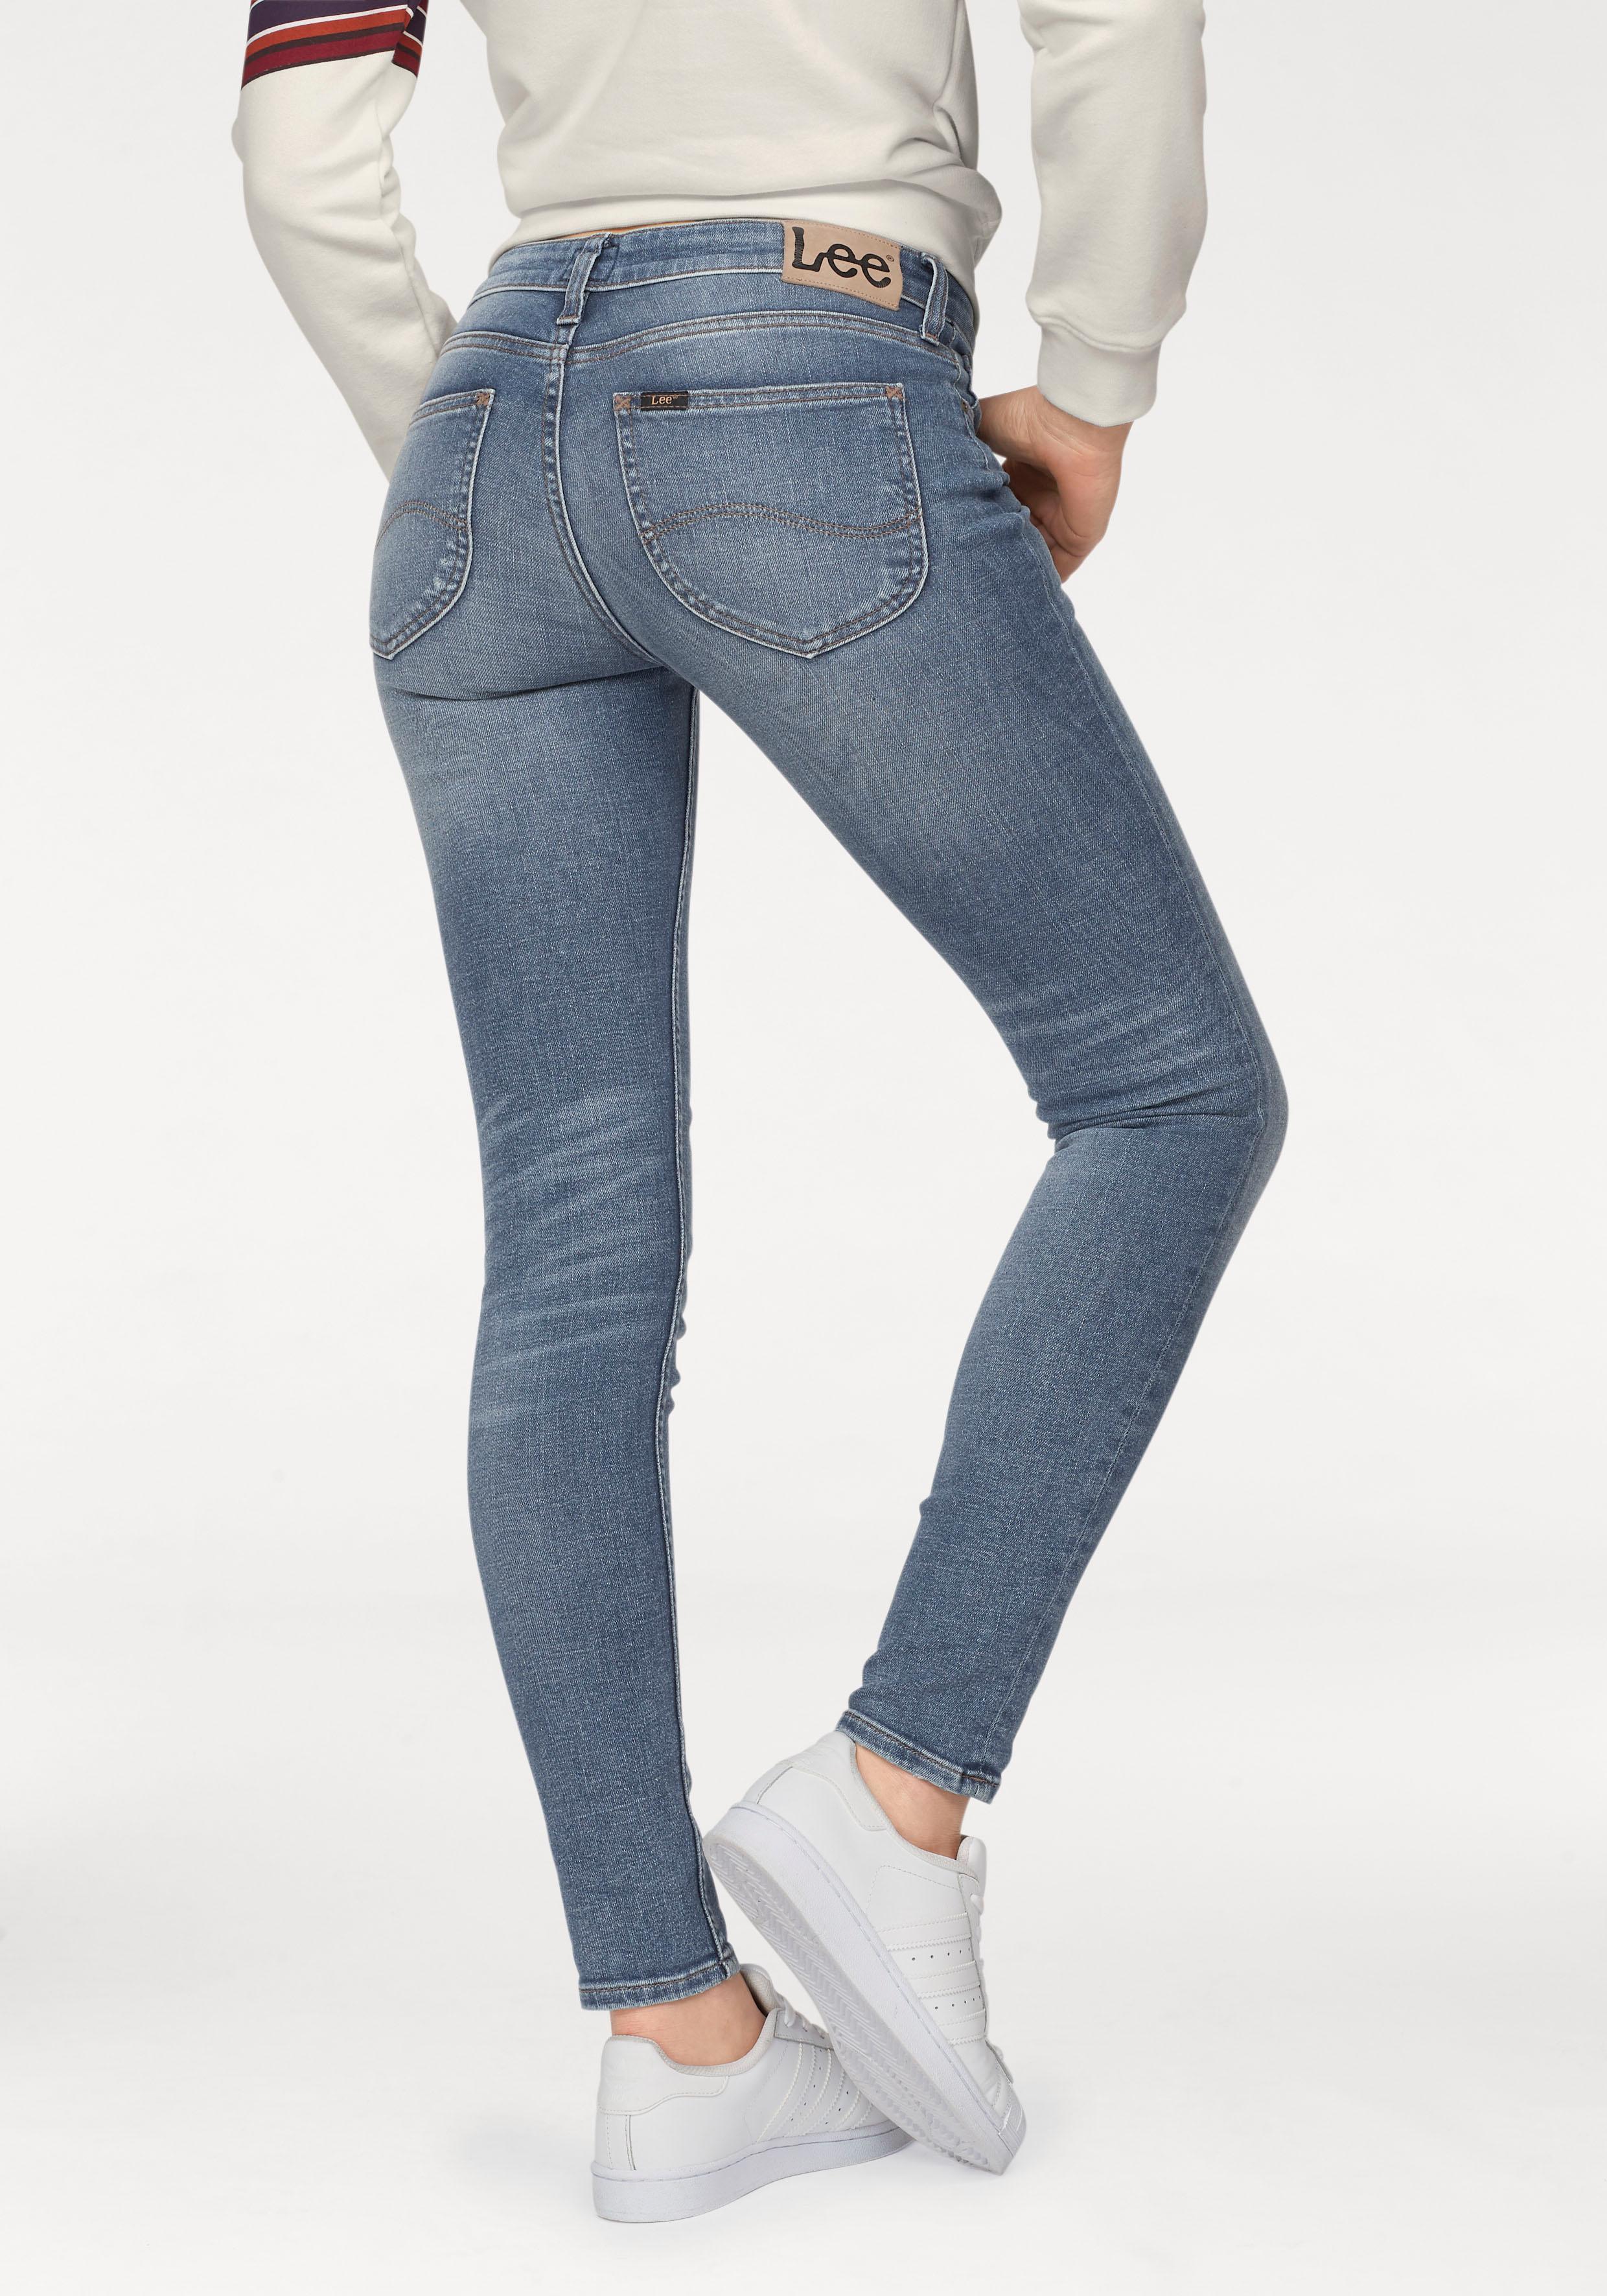 Lee Destroyed-Jeans Scarlett | Bekleidung > Jeans > Destroyed Jeans | Lee